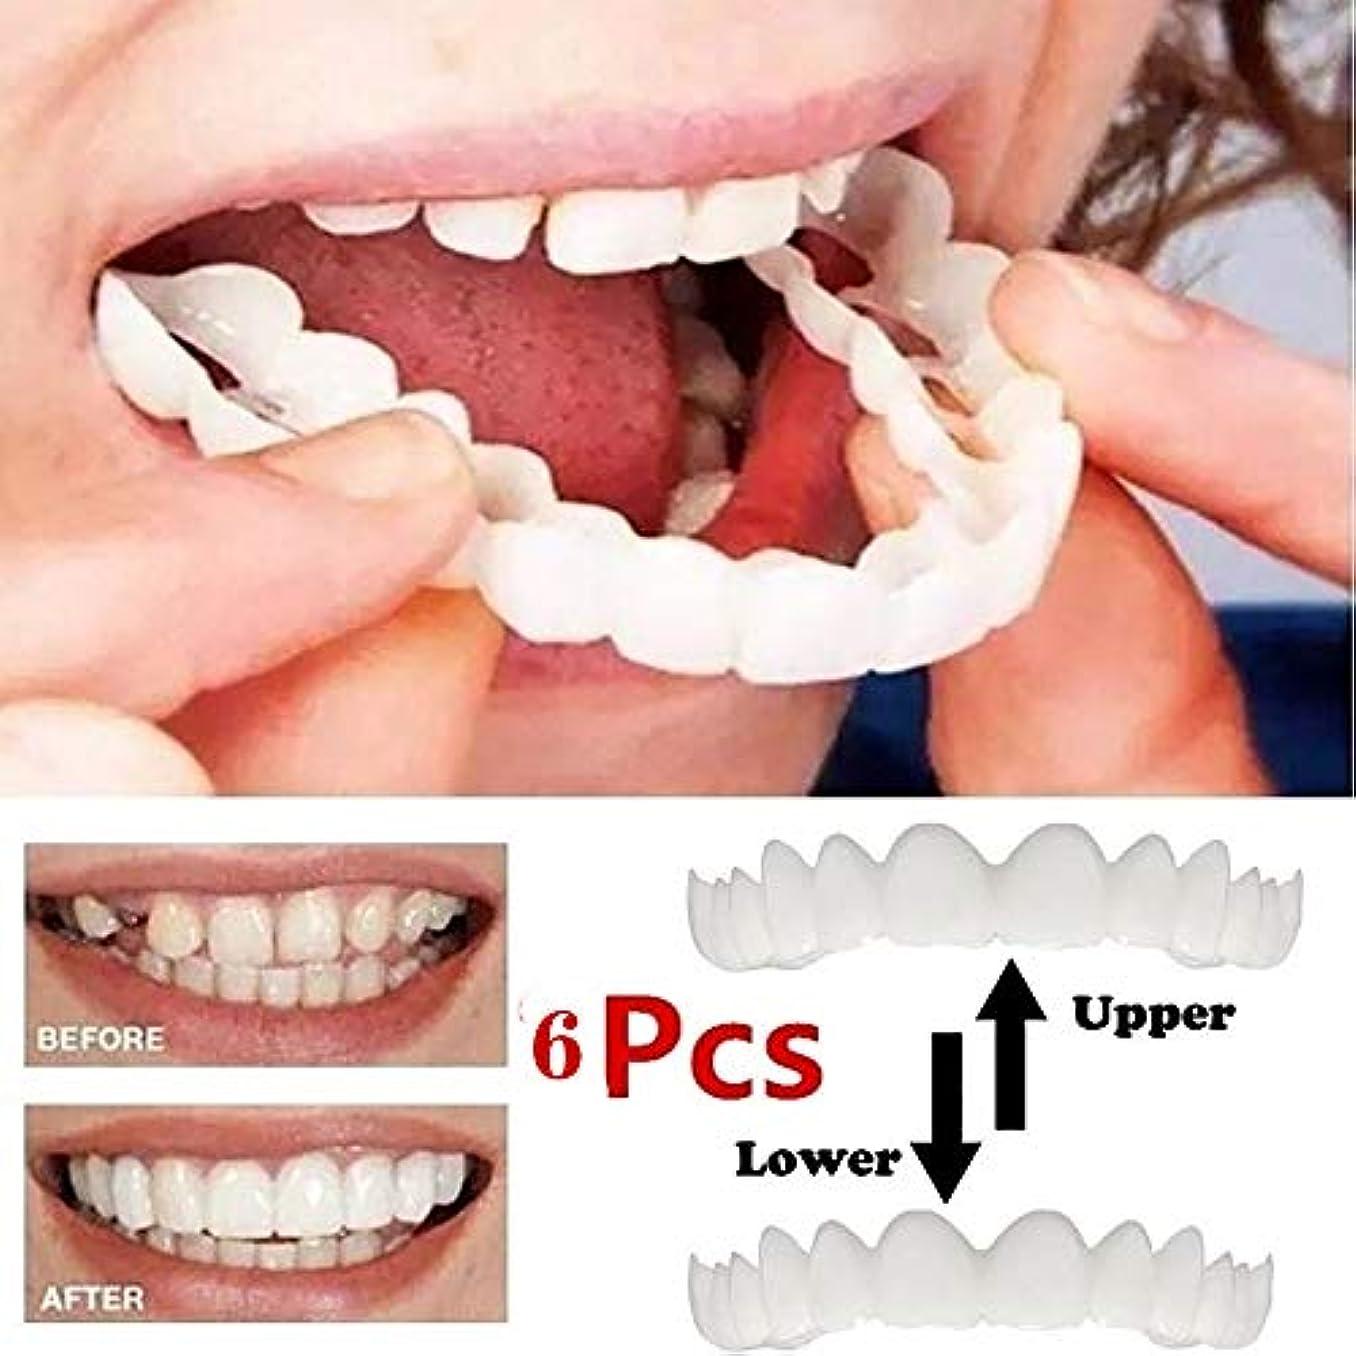 カウンターパート寛大なアクティビティ最新の突き板の歯、化粧品の歯3ペア - 一時的な笑顔の快適さフィットフレックス化粧品の歯、ワンサイズが最もフィット、快適なトップとボトムベニア - 歯突き板(ボトム+トップ)